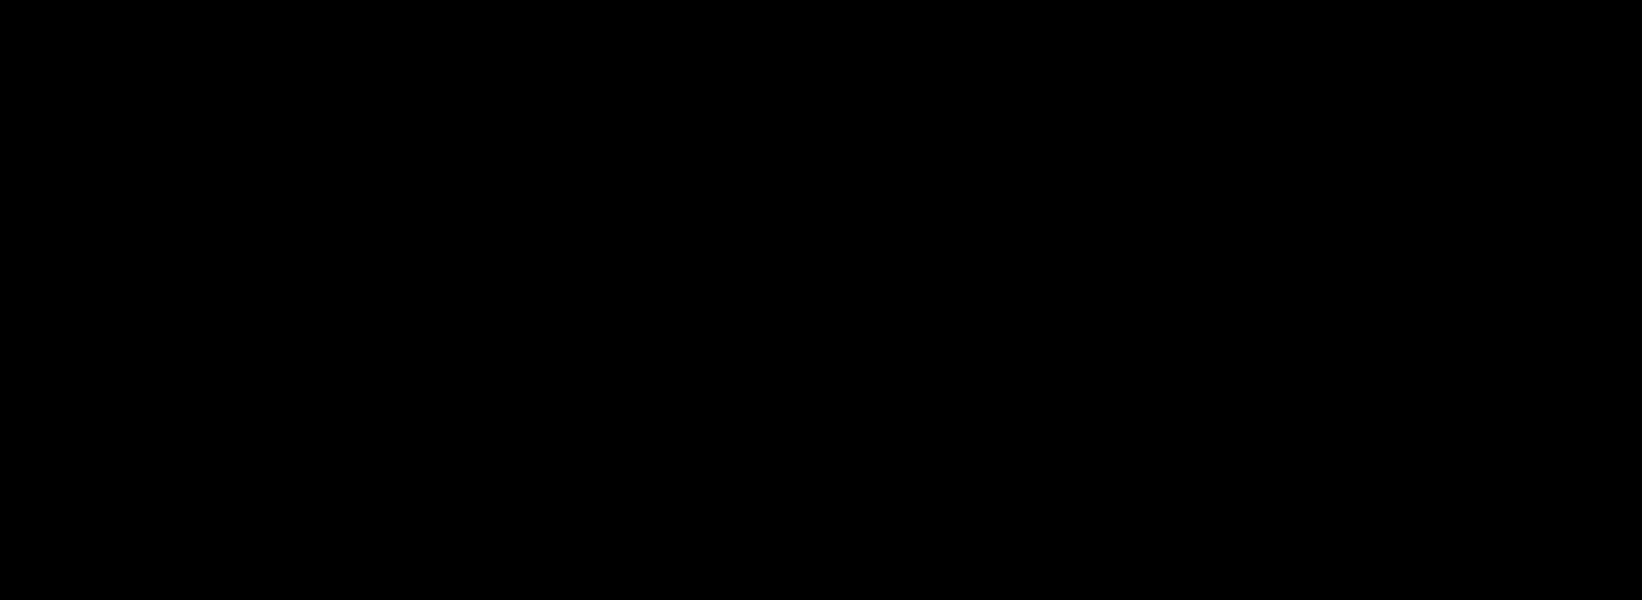 Avenanthramide A